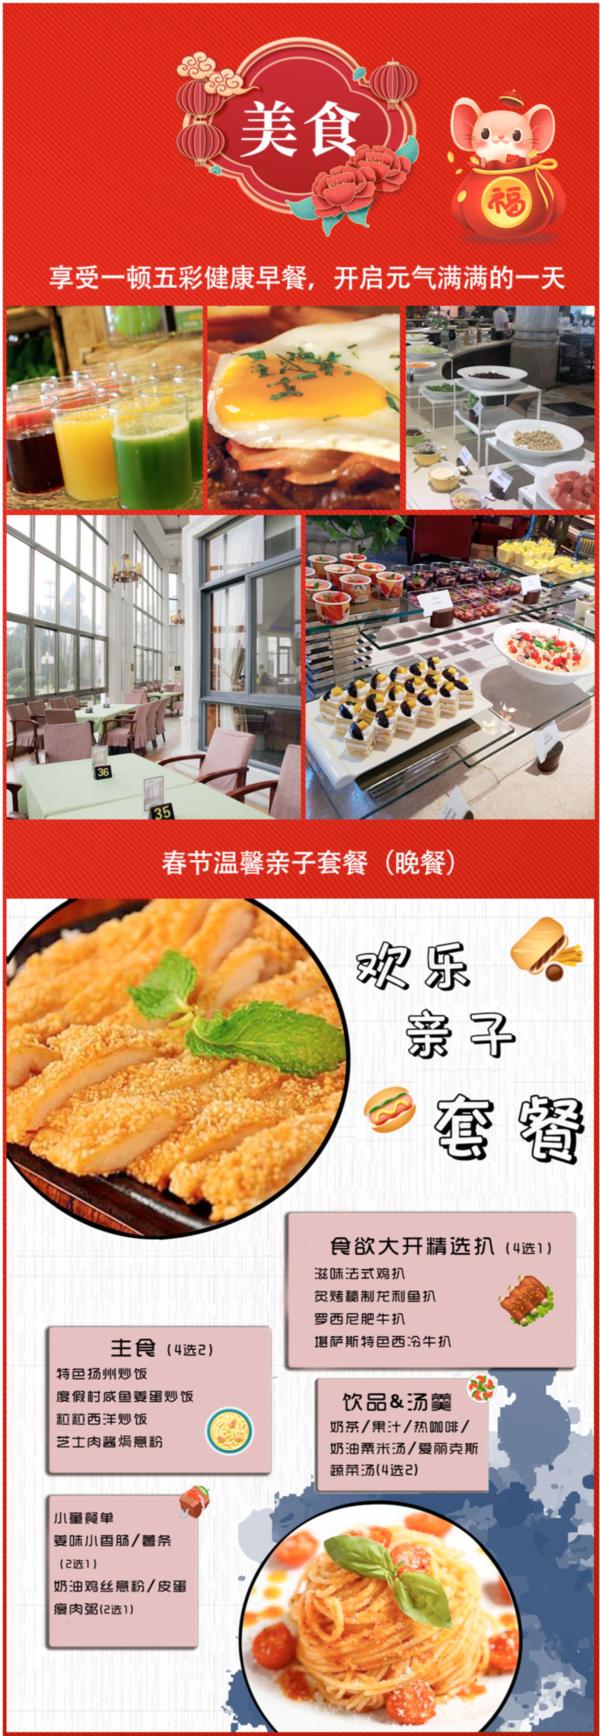 广东顺德碧桂园度假村1晚+2大1小早餐+亲子套餐+亲子活动